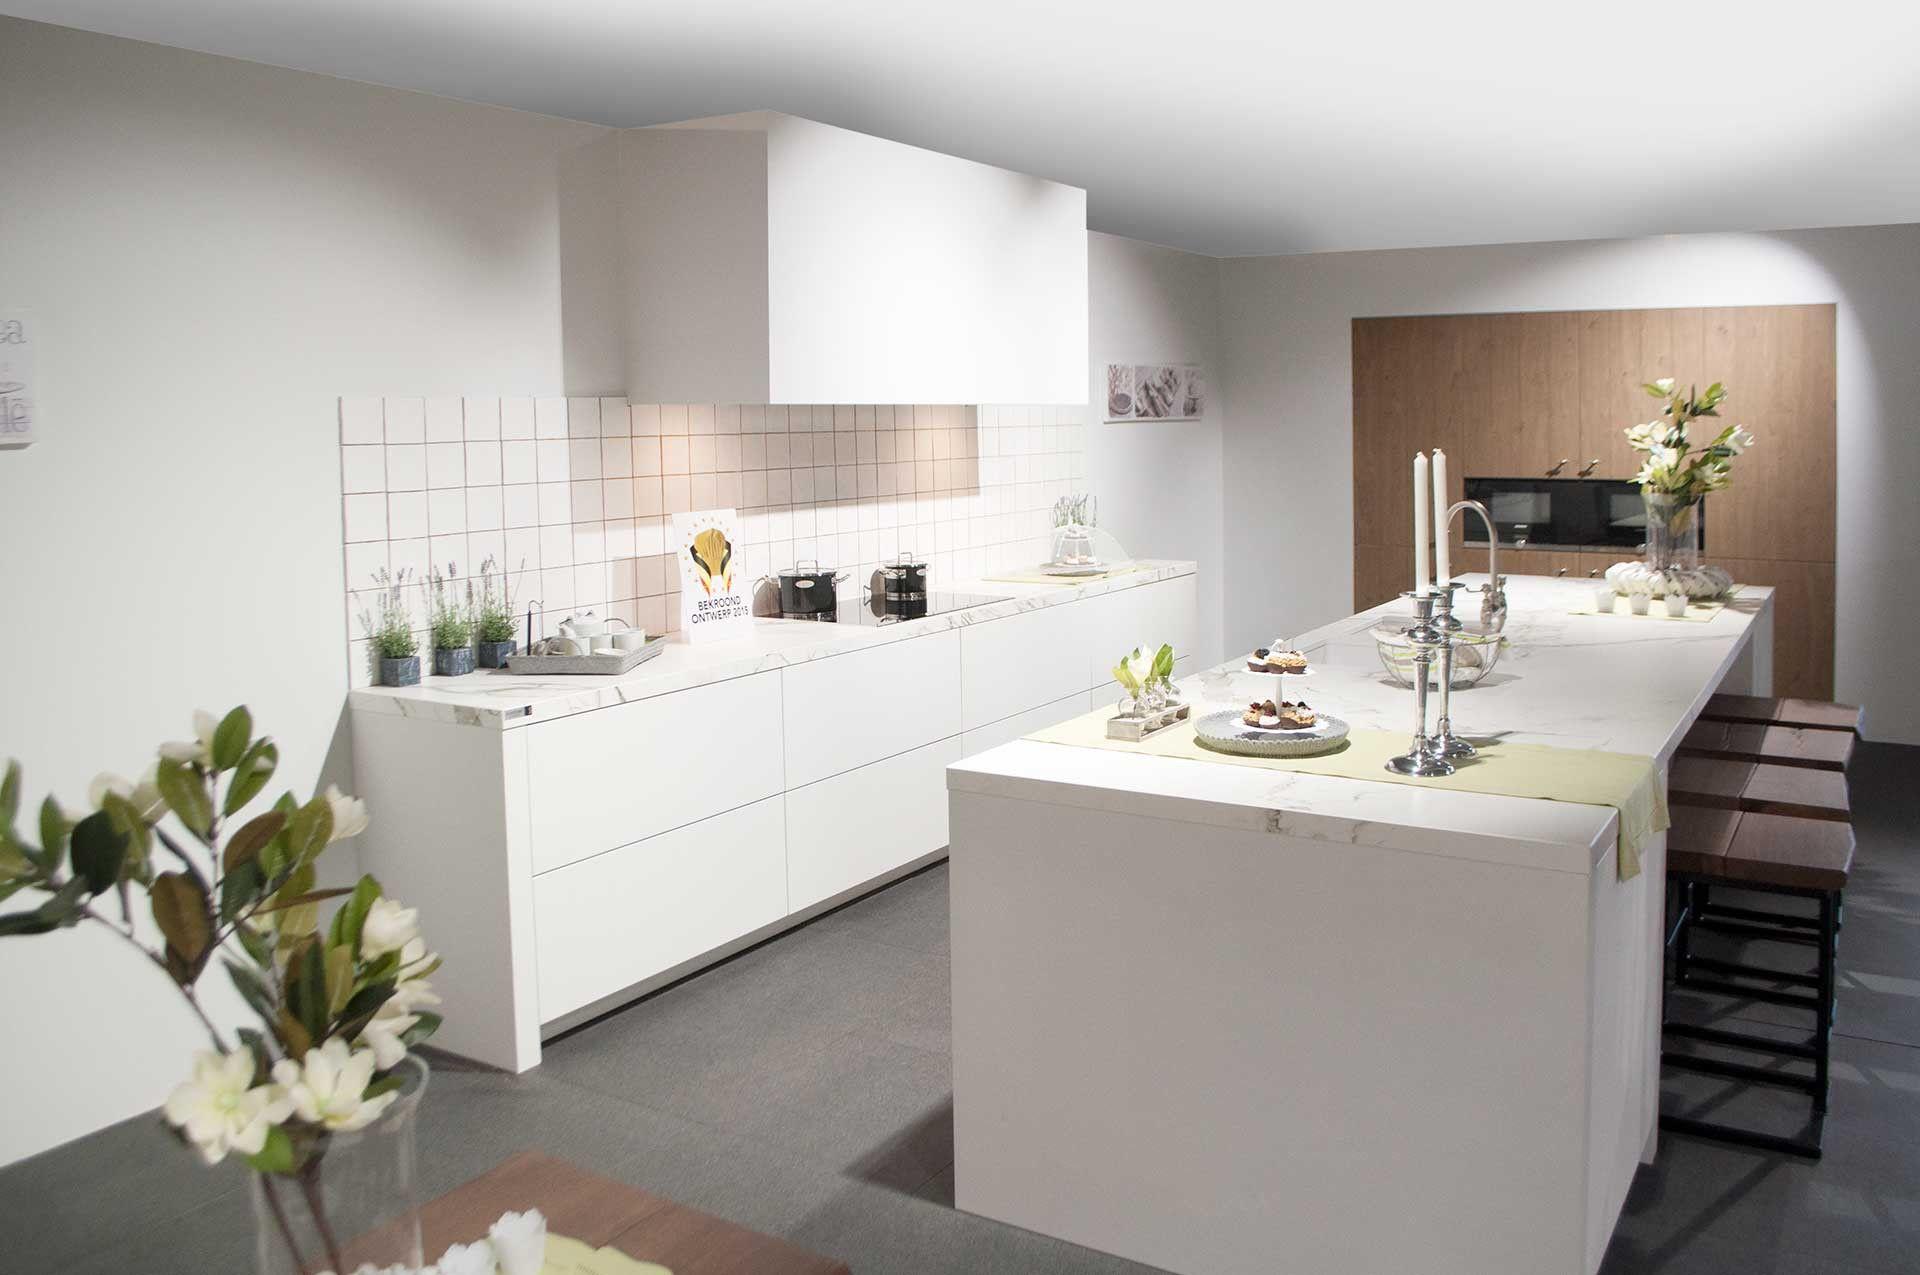 Landelijke witte keuken met marmeren werkblad deze keuken bezit